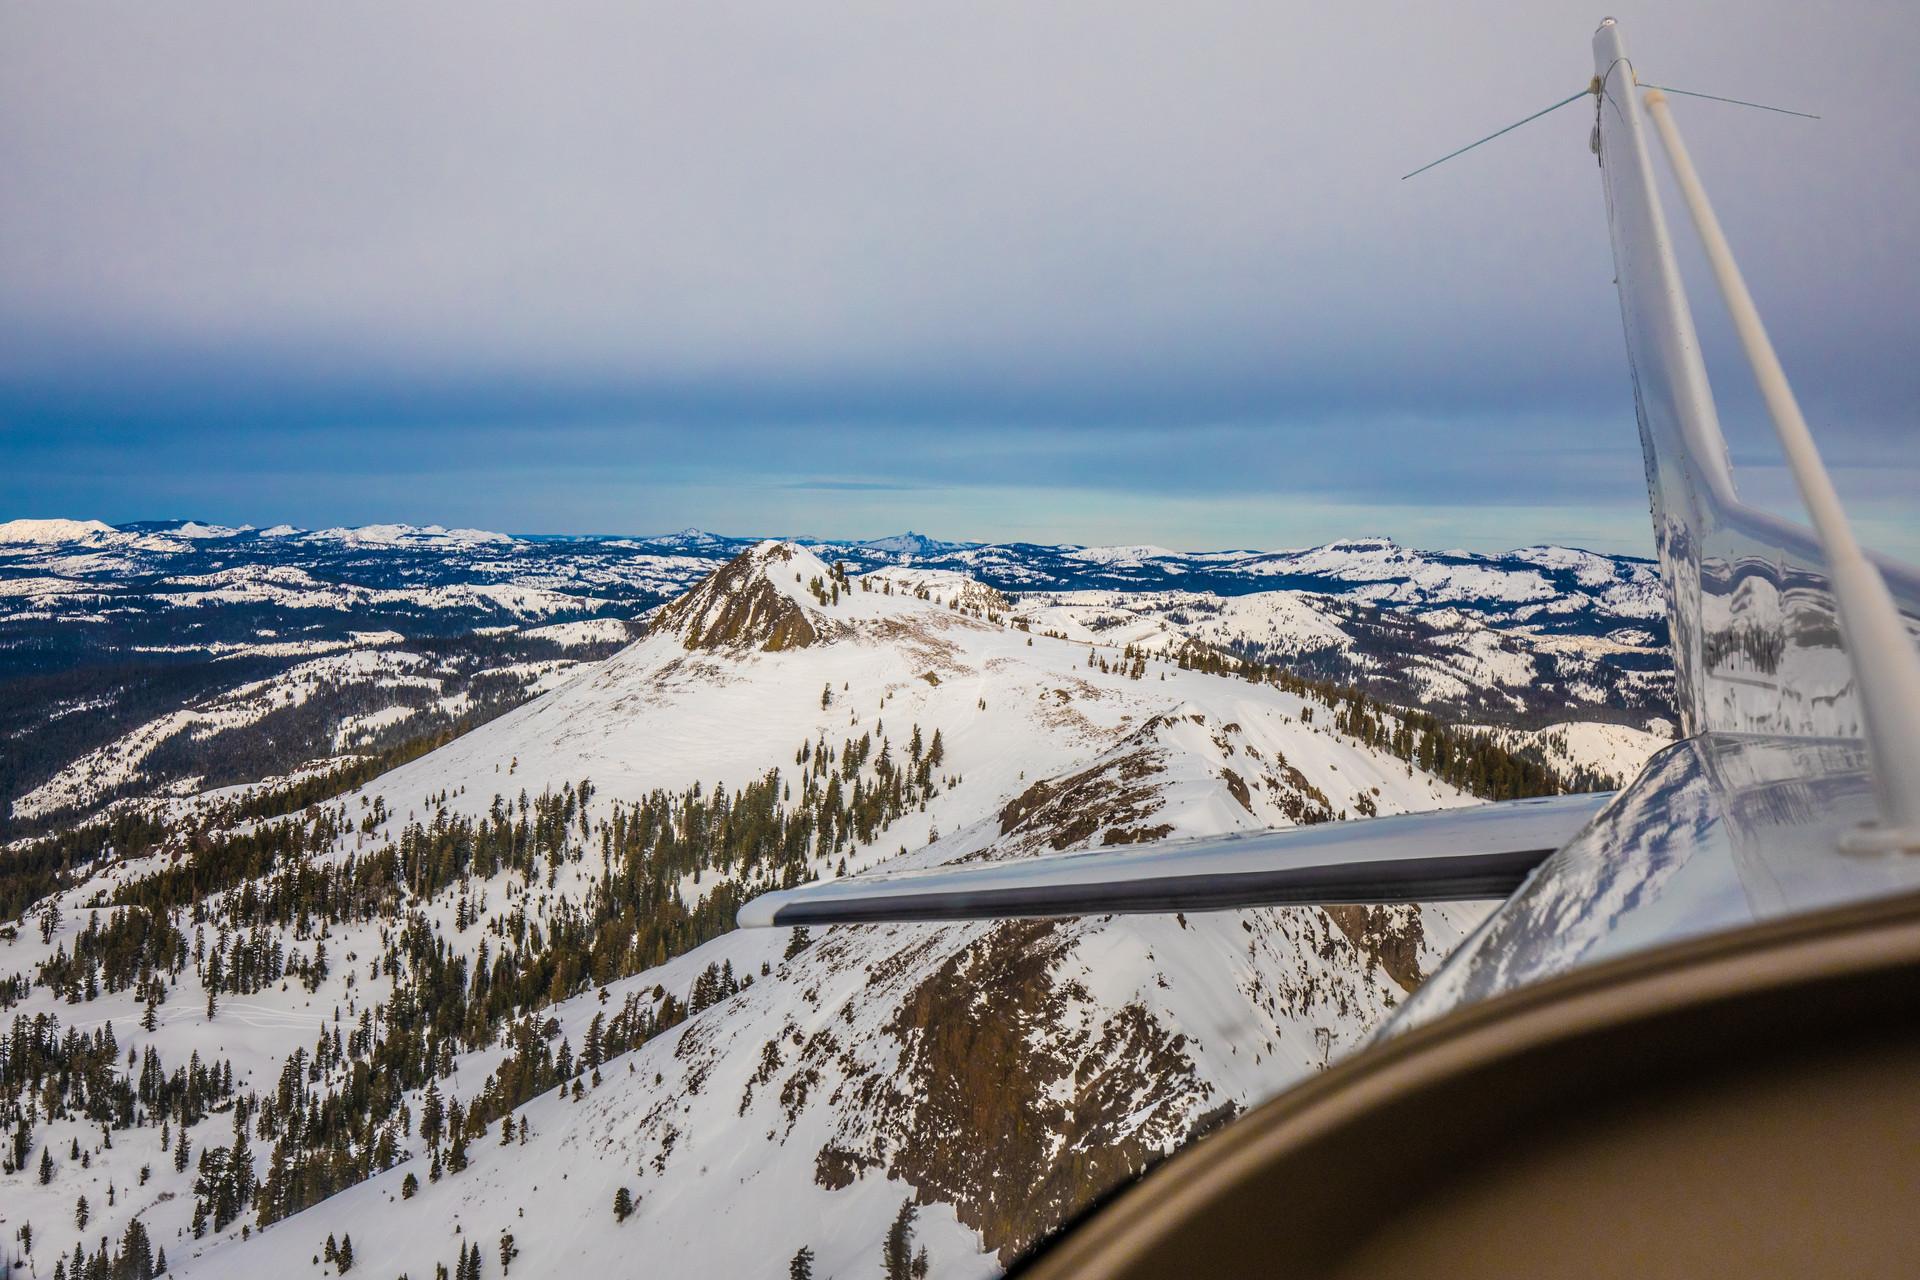 bvp_TahoeFlight-9300.jpg